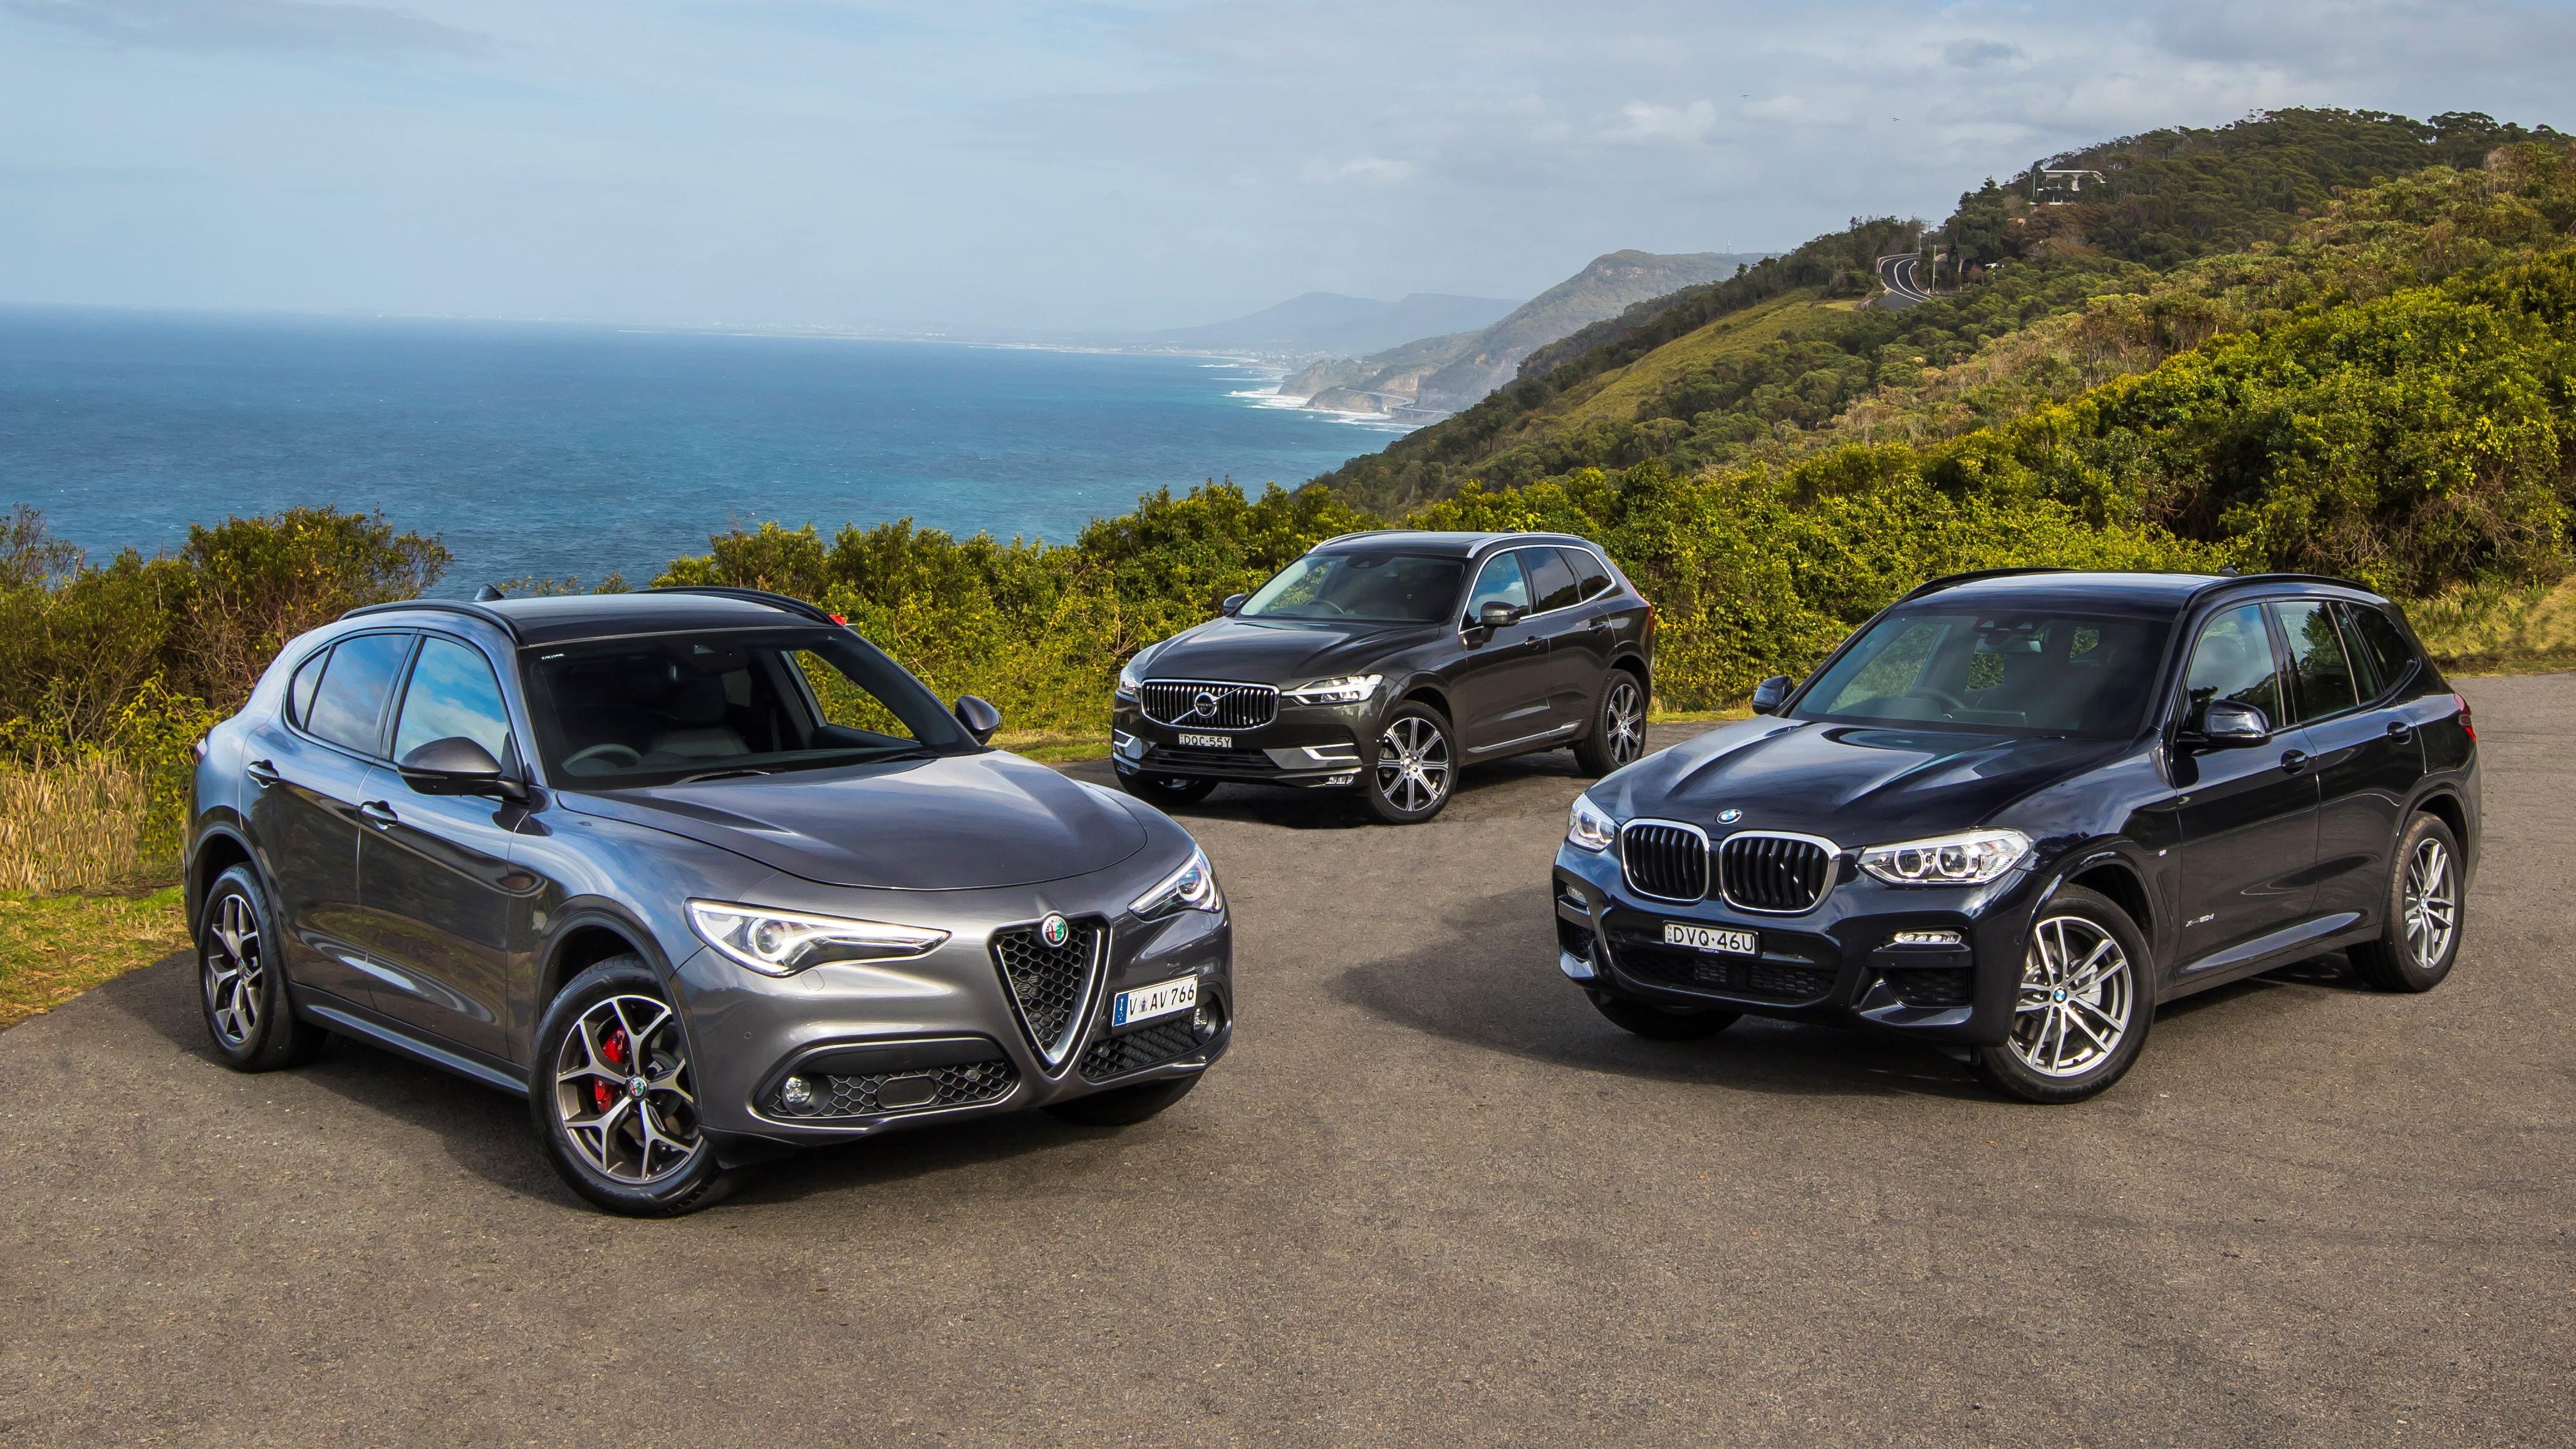 2018 Alfa Romeo Stelvio v BMW X3 v Volvo XC60 comparison review